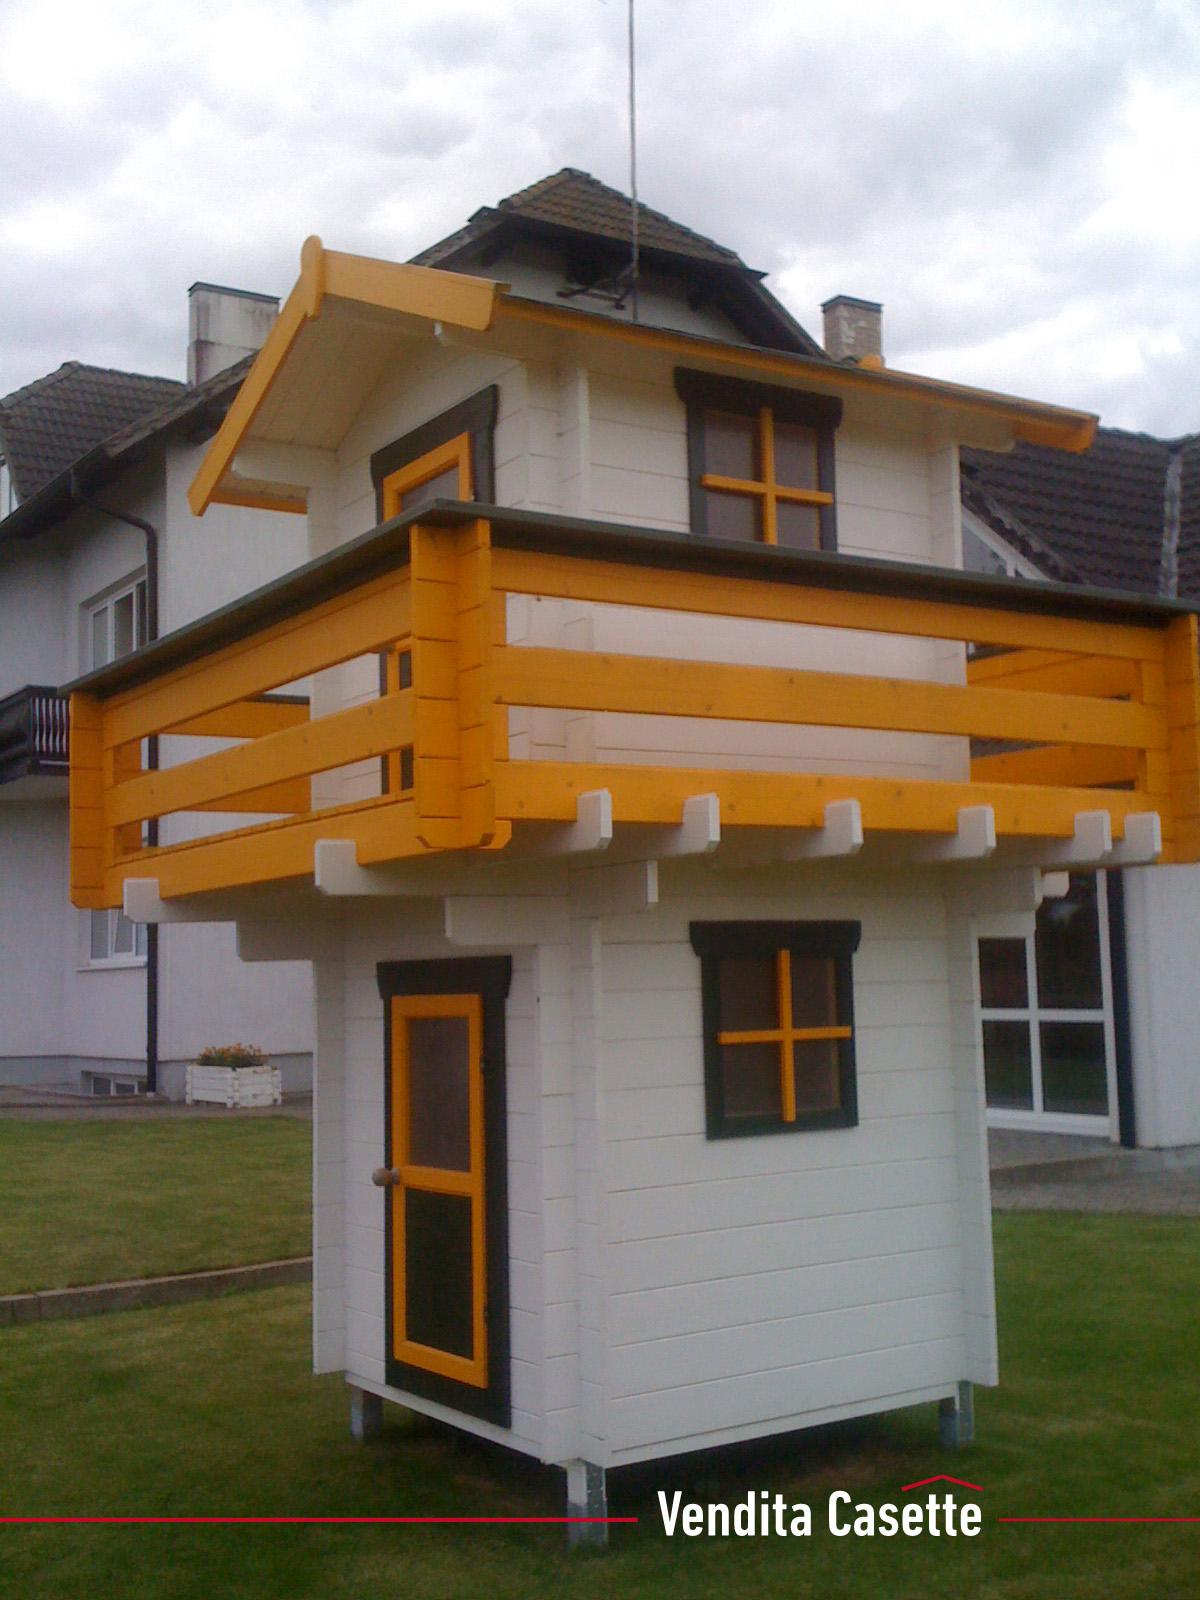 Casa in legno pisa for Piani di garage gratuiti con lista dei materiali